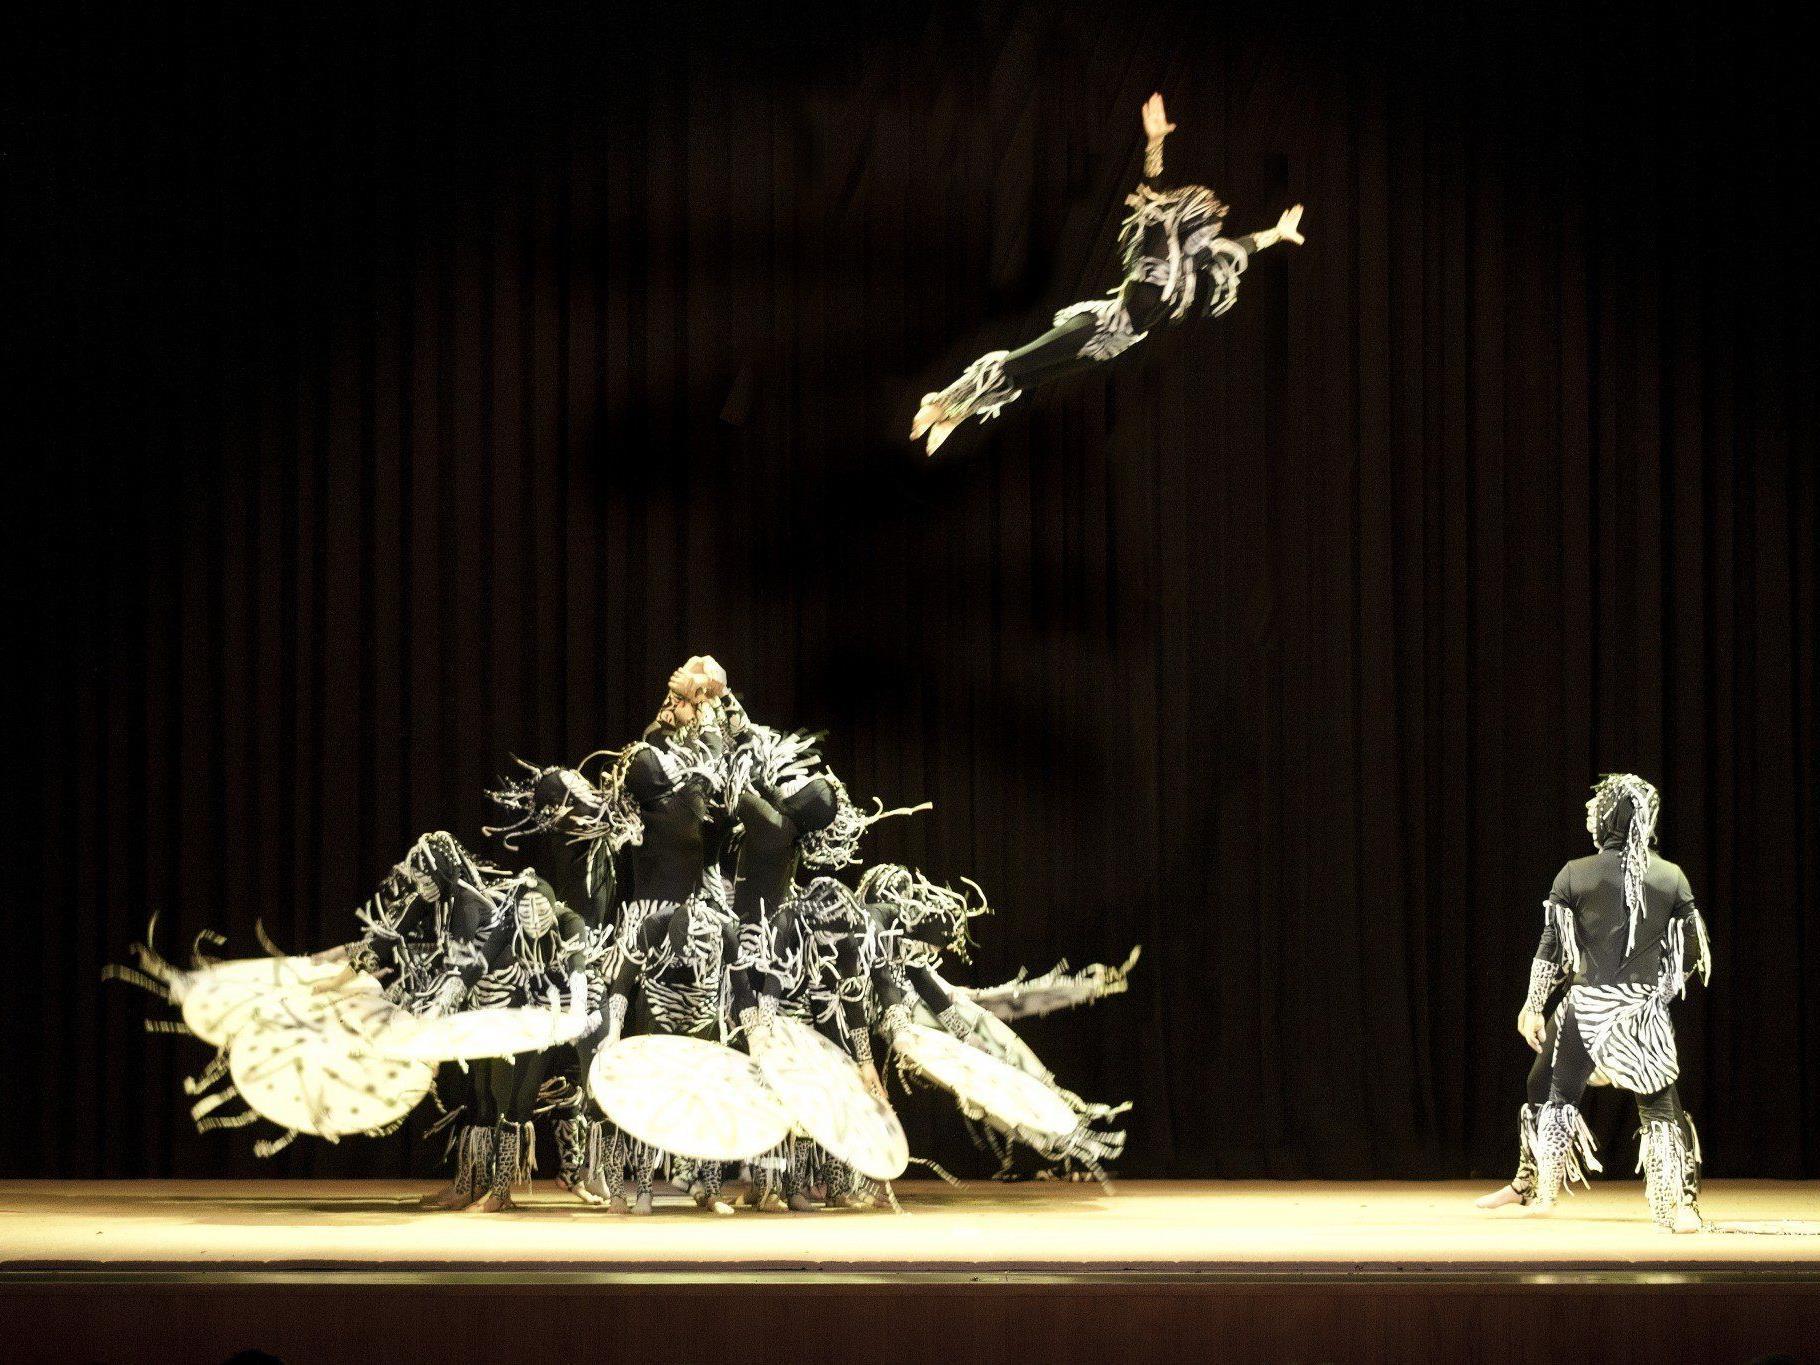 Der Reinerlöse des Kneipp Preisjassens soll dieses Jahr der Akrobatikgruppe